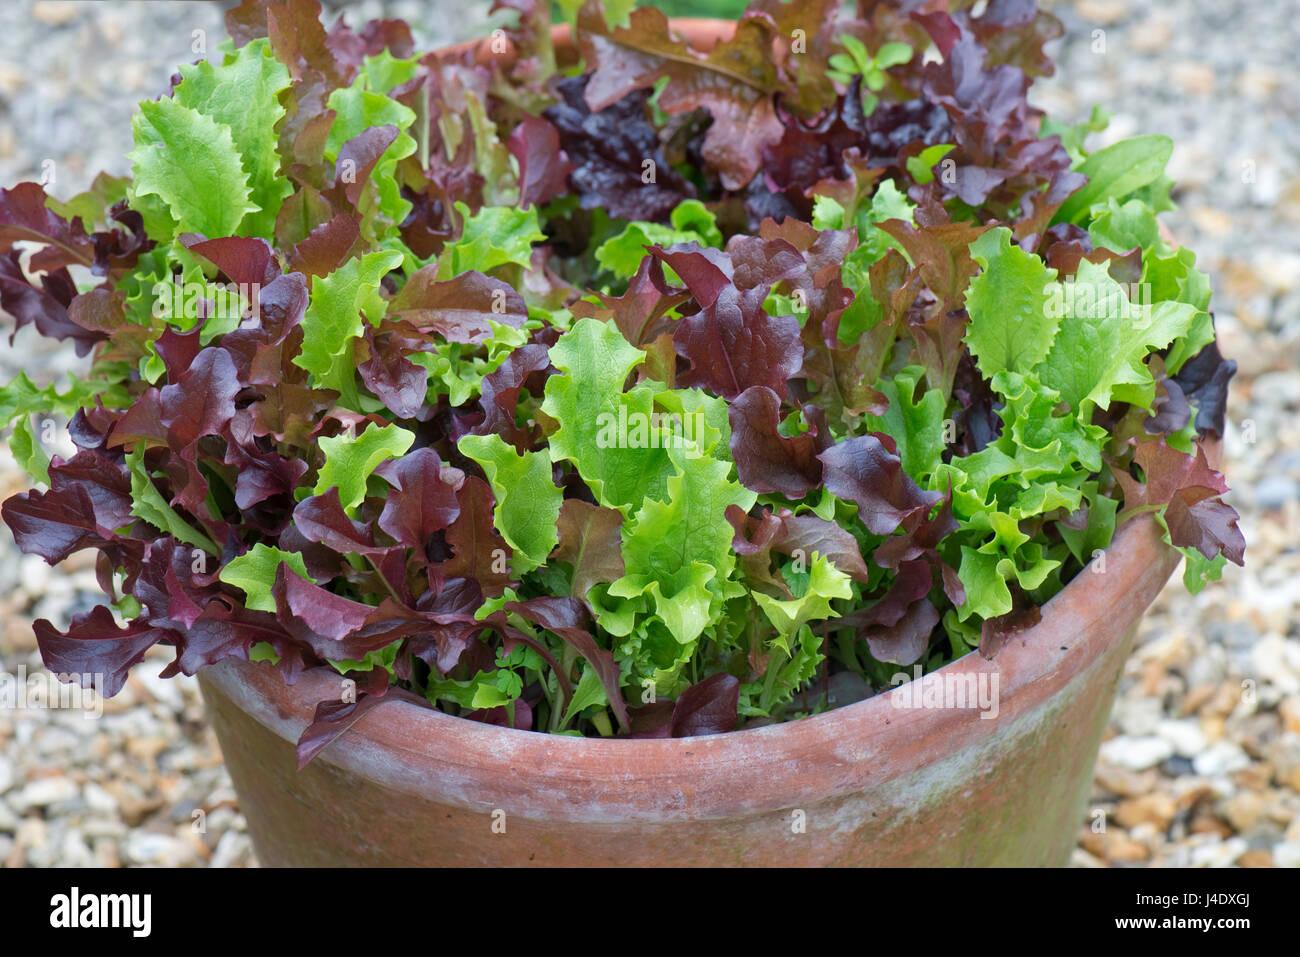 Conteneur de jardin, un pot en terre cuite, avec les jeunes de laitue rouge et vert mélangé les plantes Photo Stock